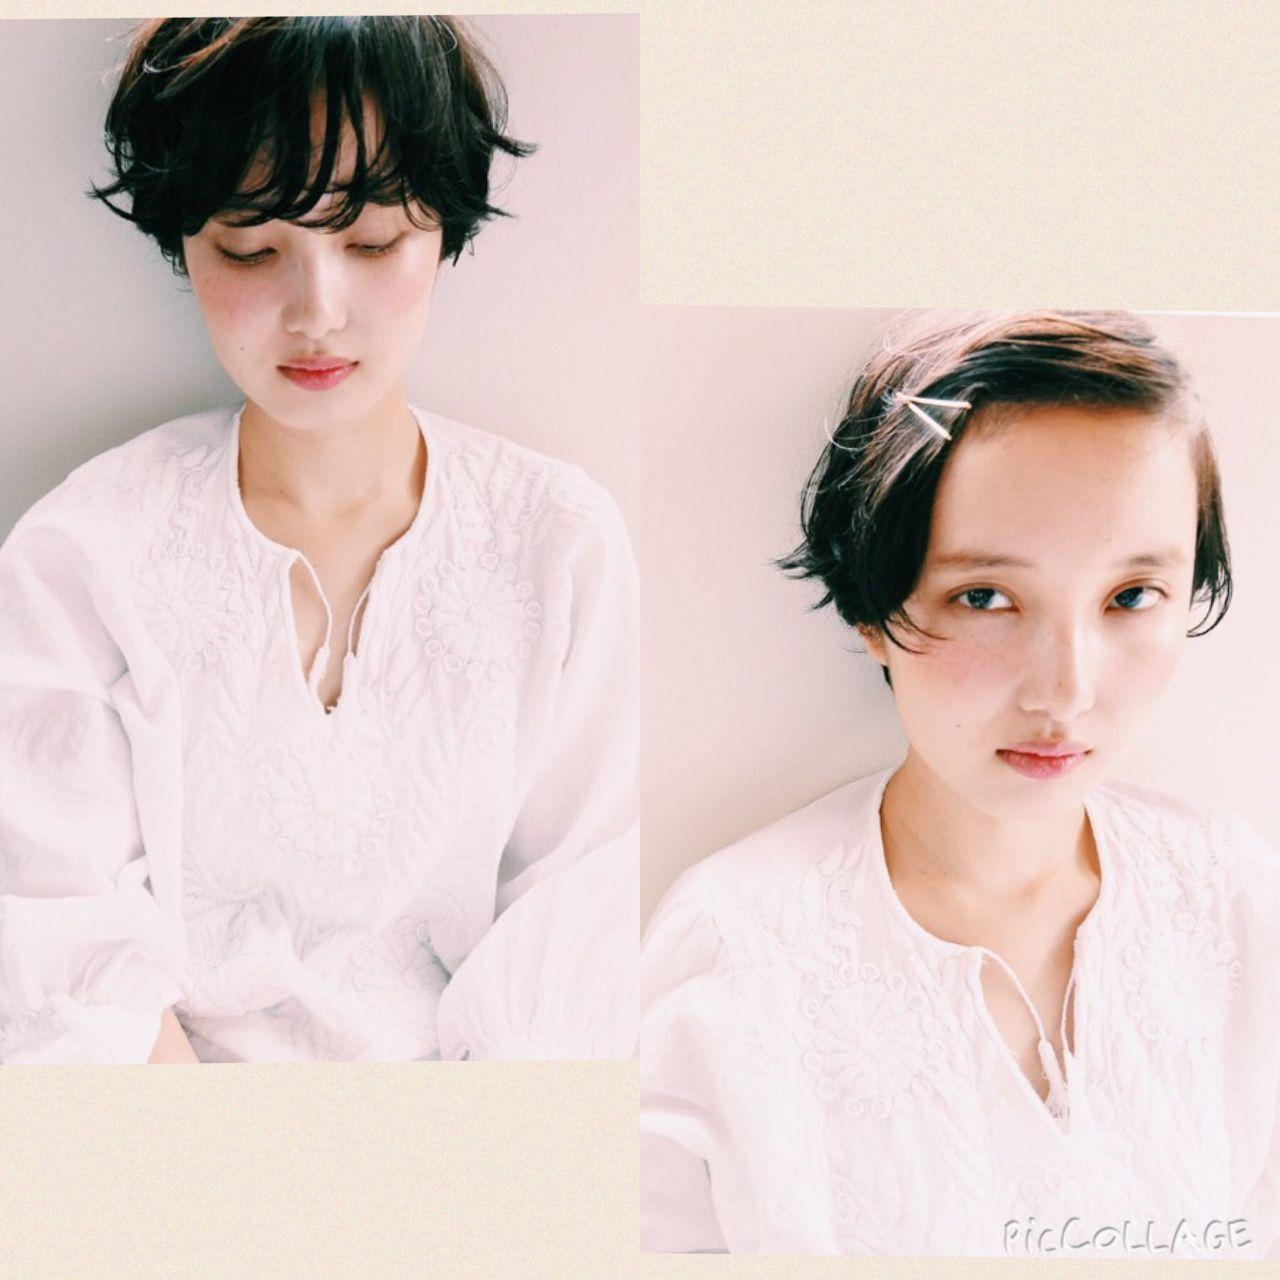 黒髪ショートのスタイル集♡面長・丸顔、前髪なしありに分けて紹介! 山下 純平 / nanuk